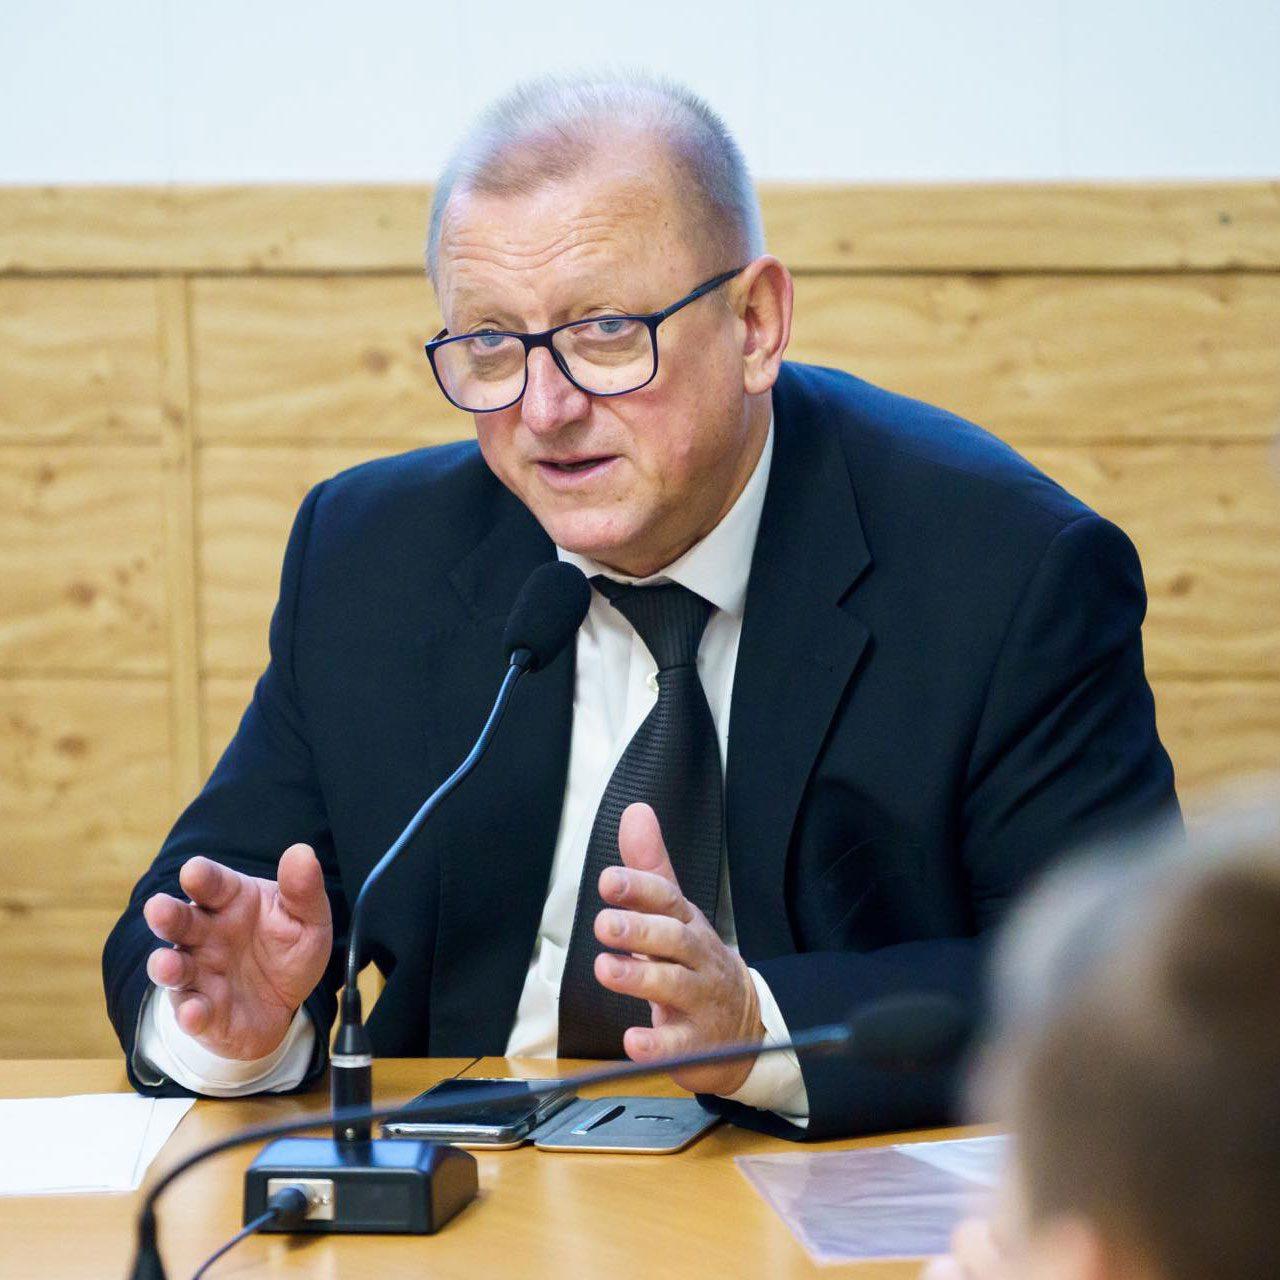 viktor serdiuk - <b>Власти хотят ограничить продажу лекарств детям.</b> Объясняем, с чем это связано, и как сегодня функционирует рынок лекарств - Заборона